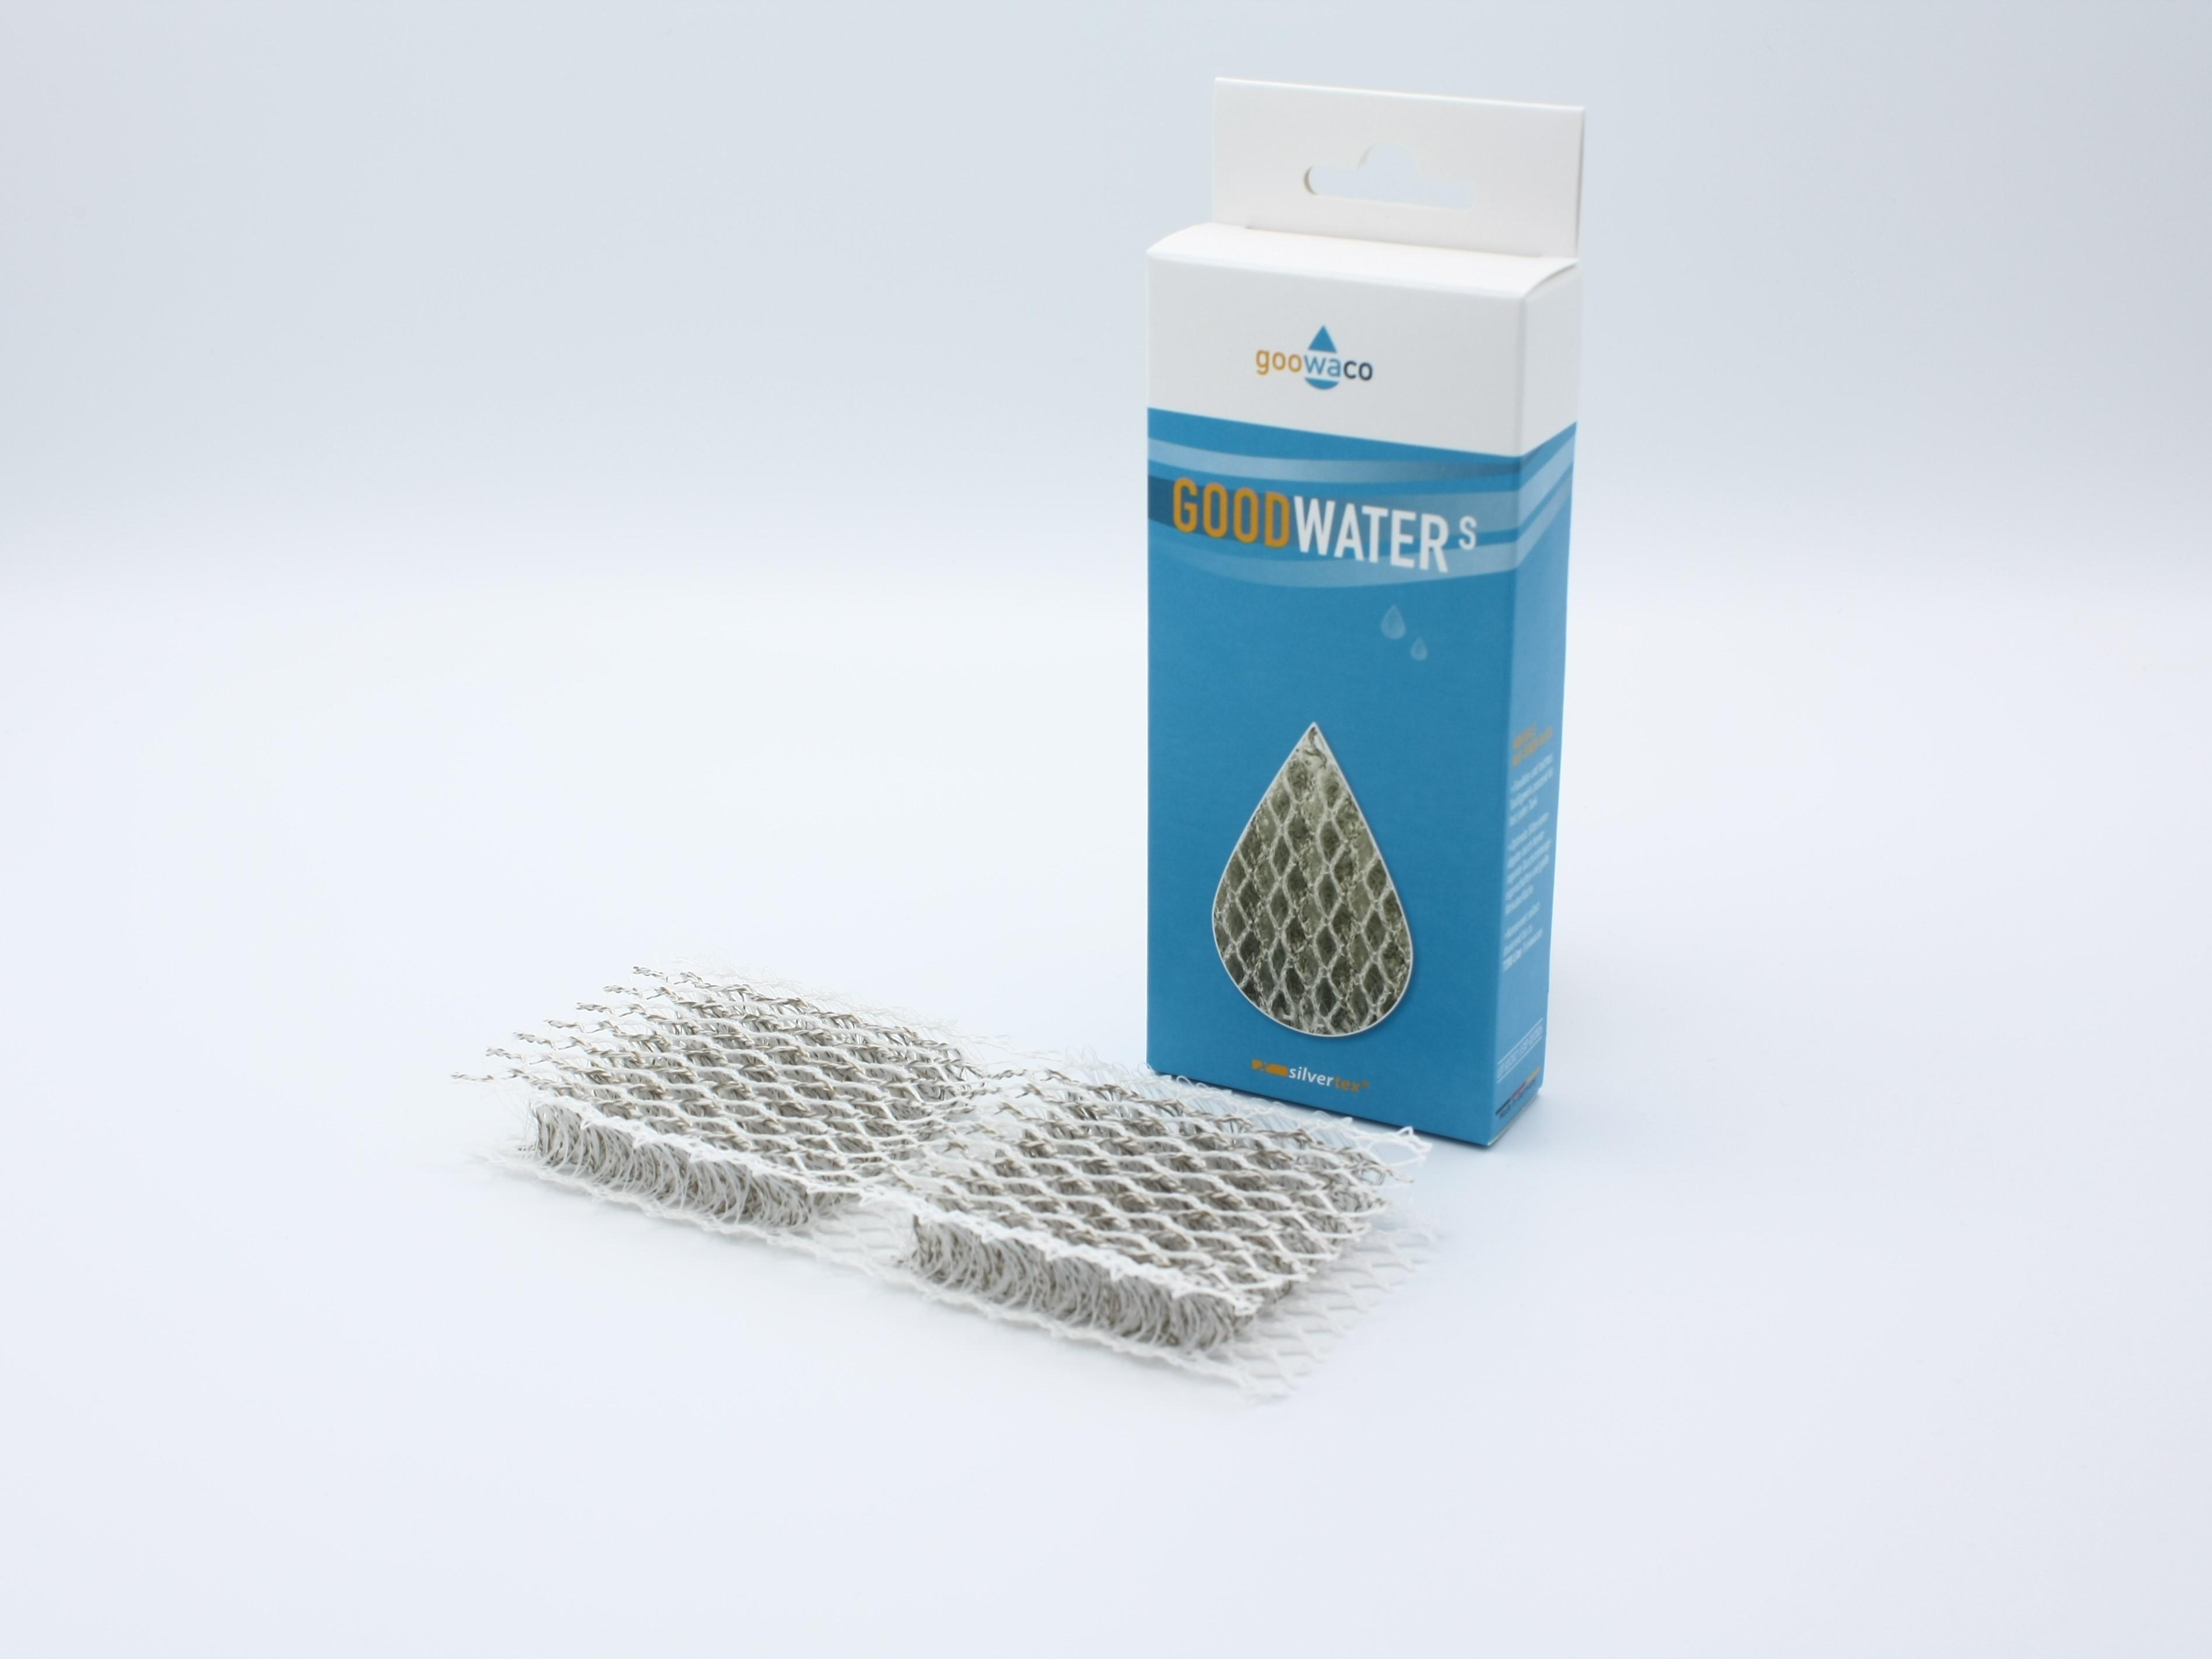 Silvertex Wasserkonservierung Good Water S